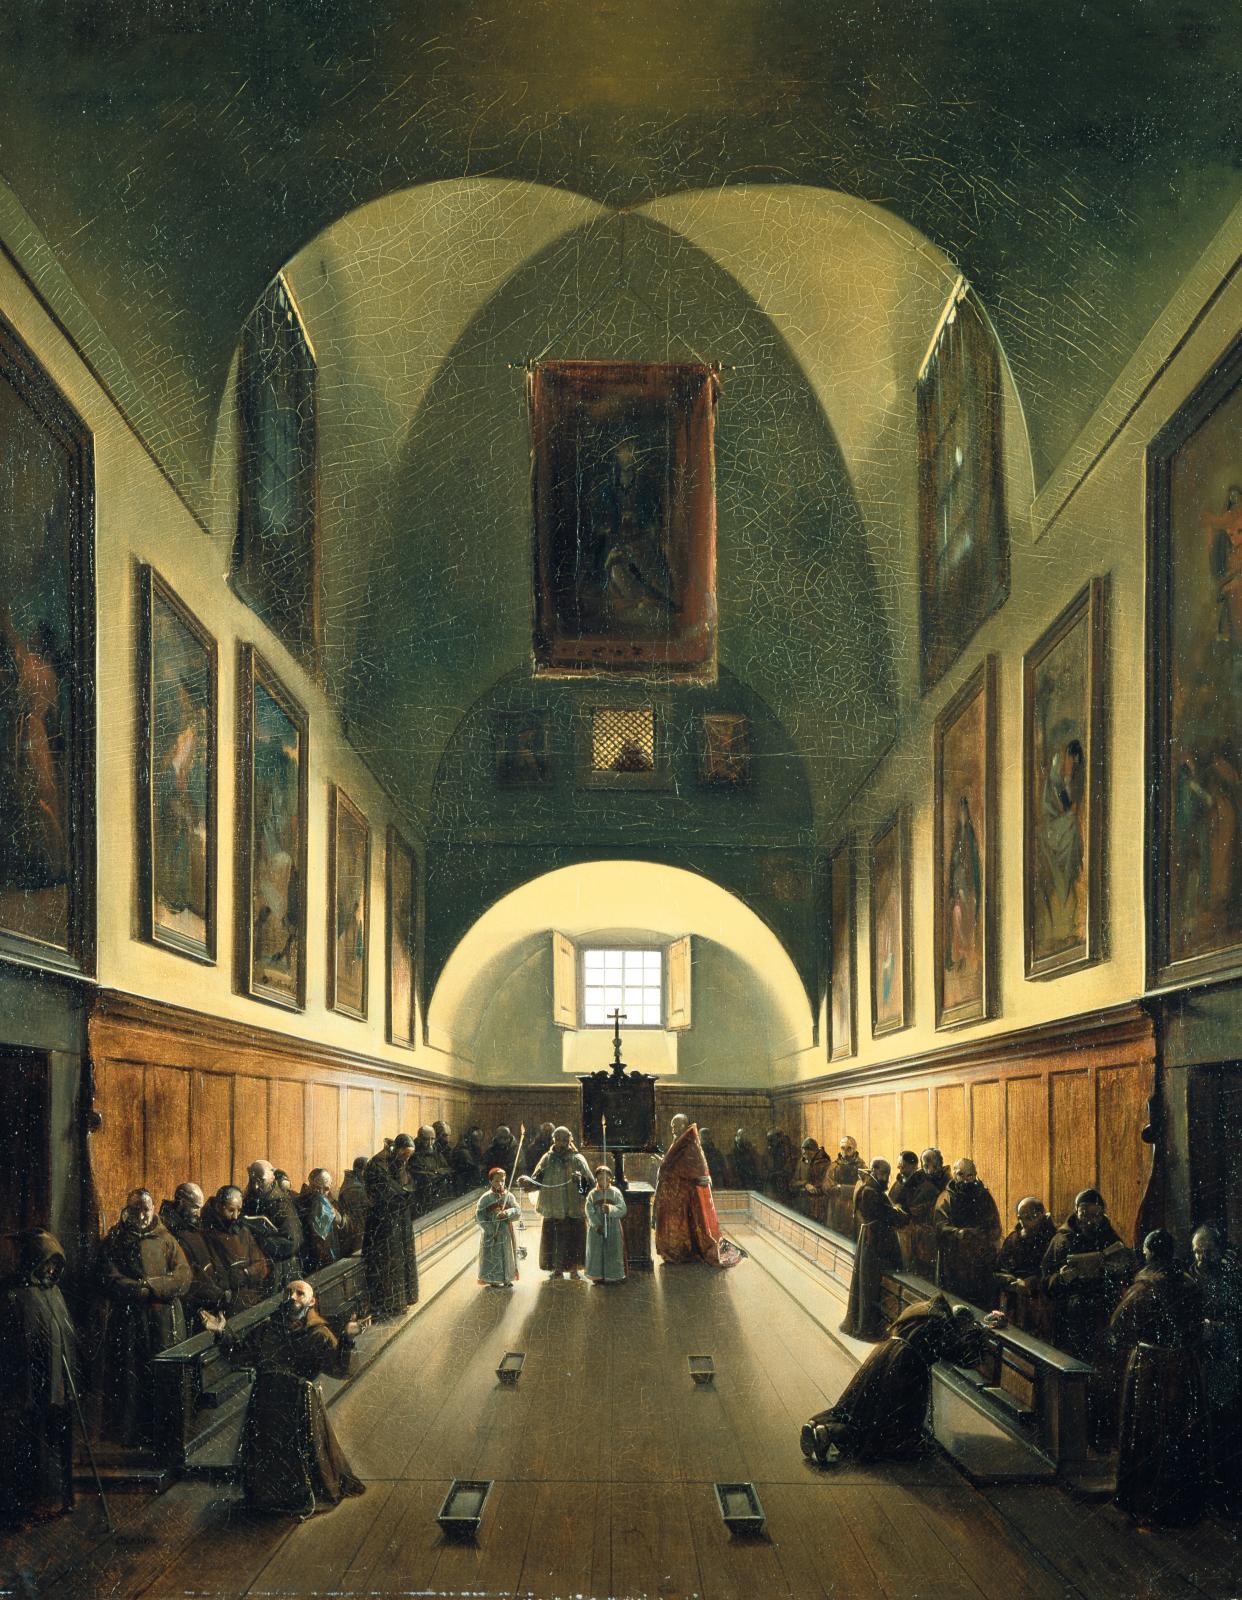 François-Marius Granet, Intérieur du chœur de l'église des Capucins, huile sur toile, 93,3x74,4cm, musée des beaux-arts de Lyon.